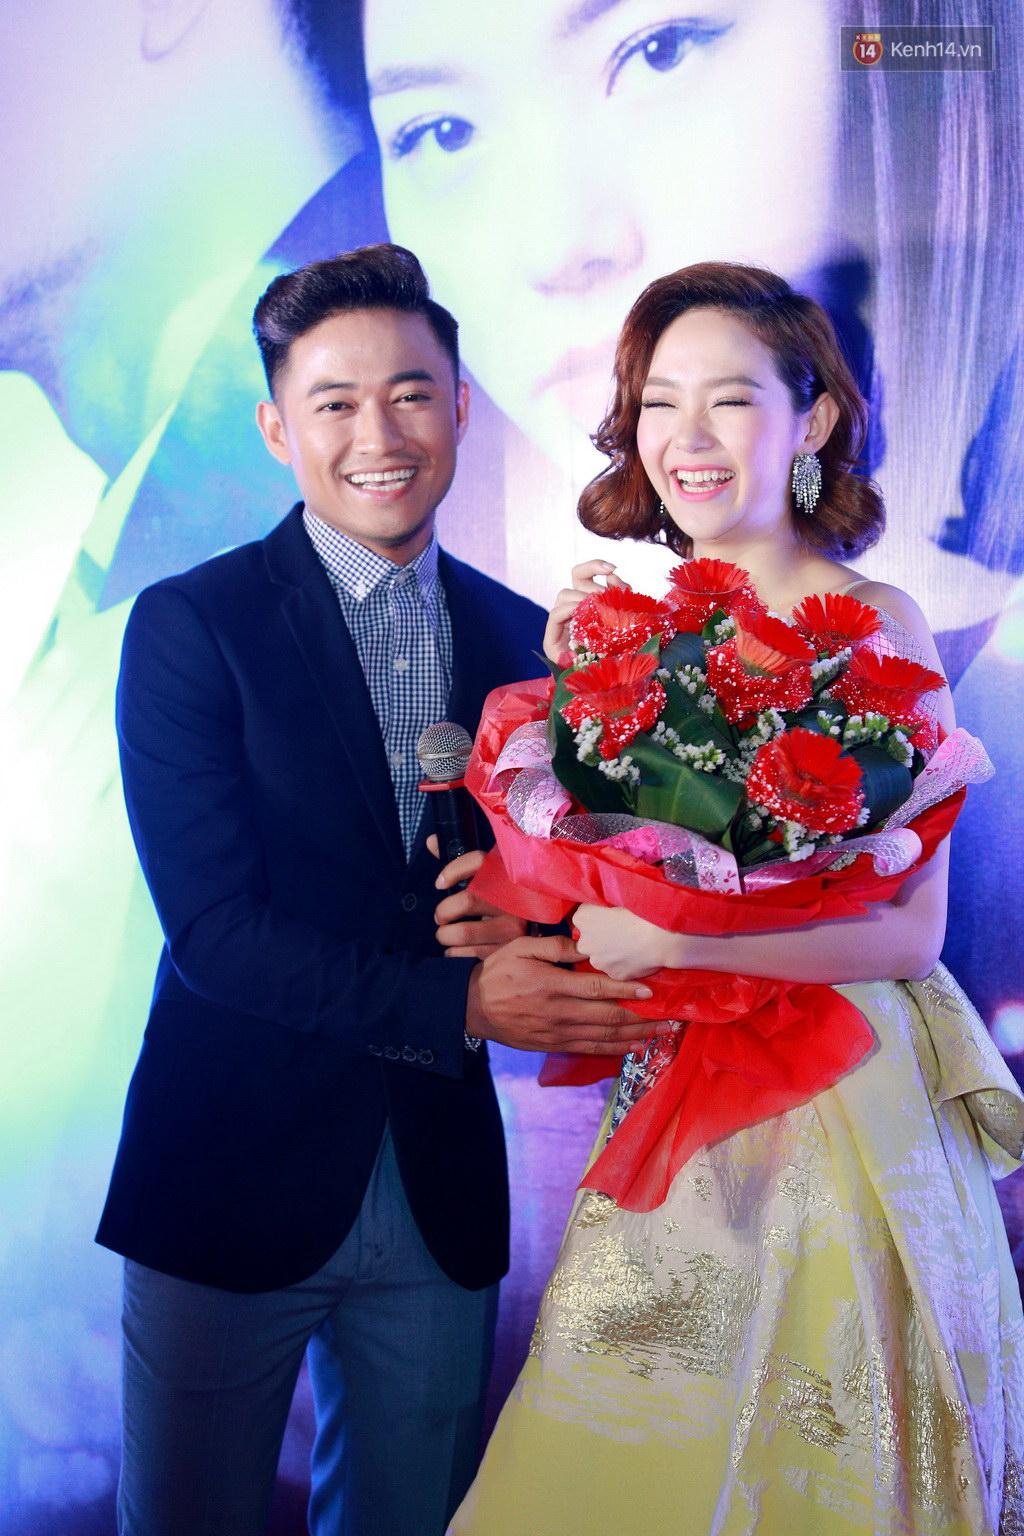 Fan Hà Nội vây quanh đôi tình nhân Minh Hằng - Quý Bình tại họp báo - Ảnh 4.